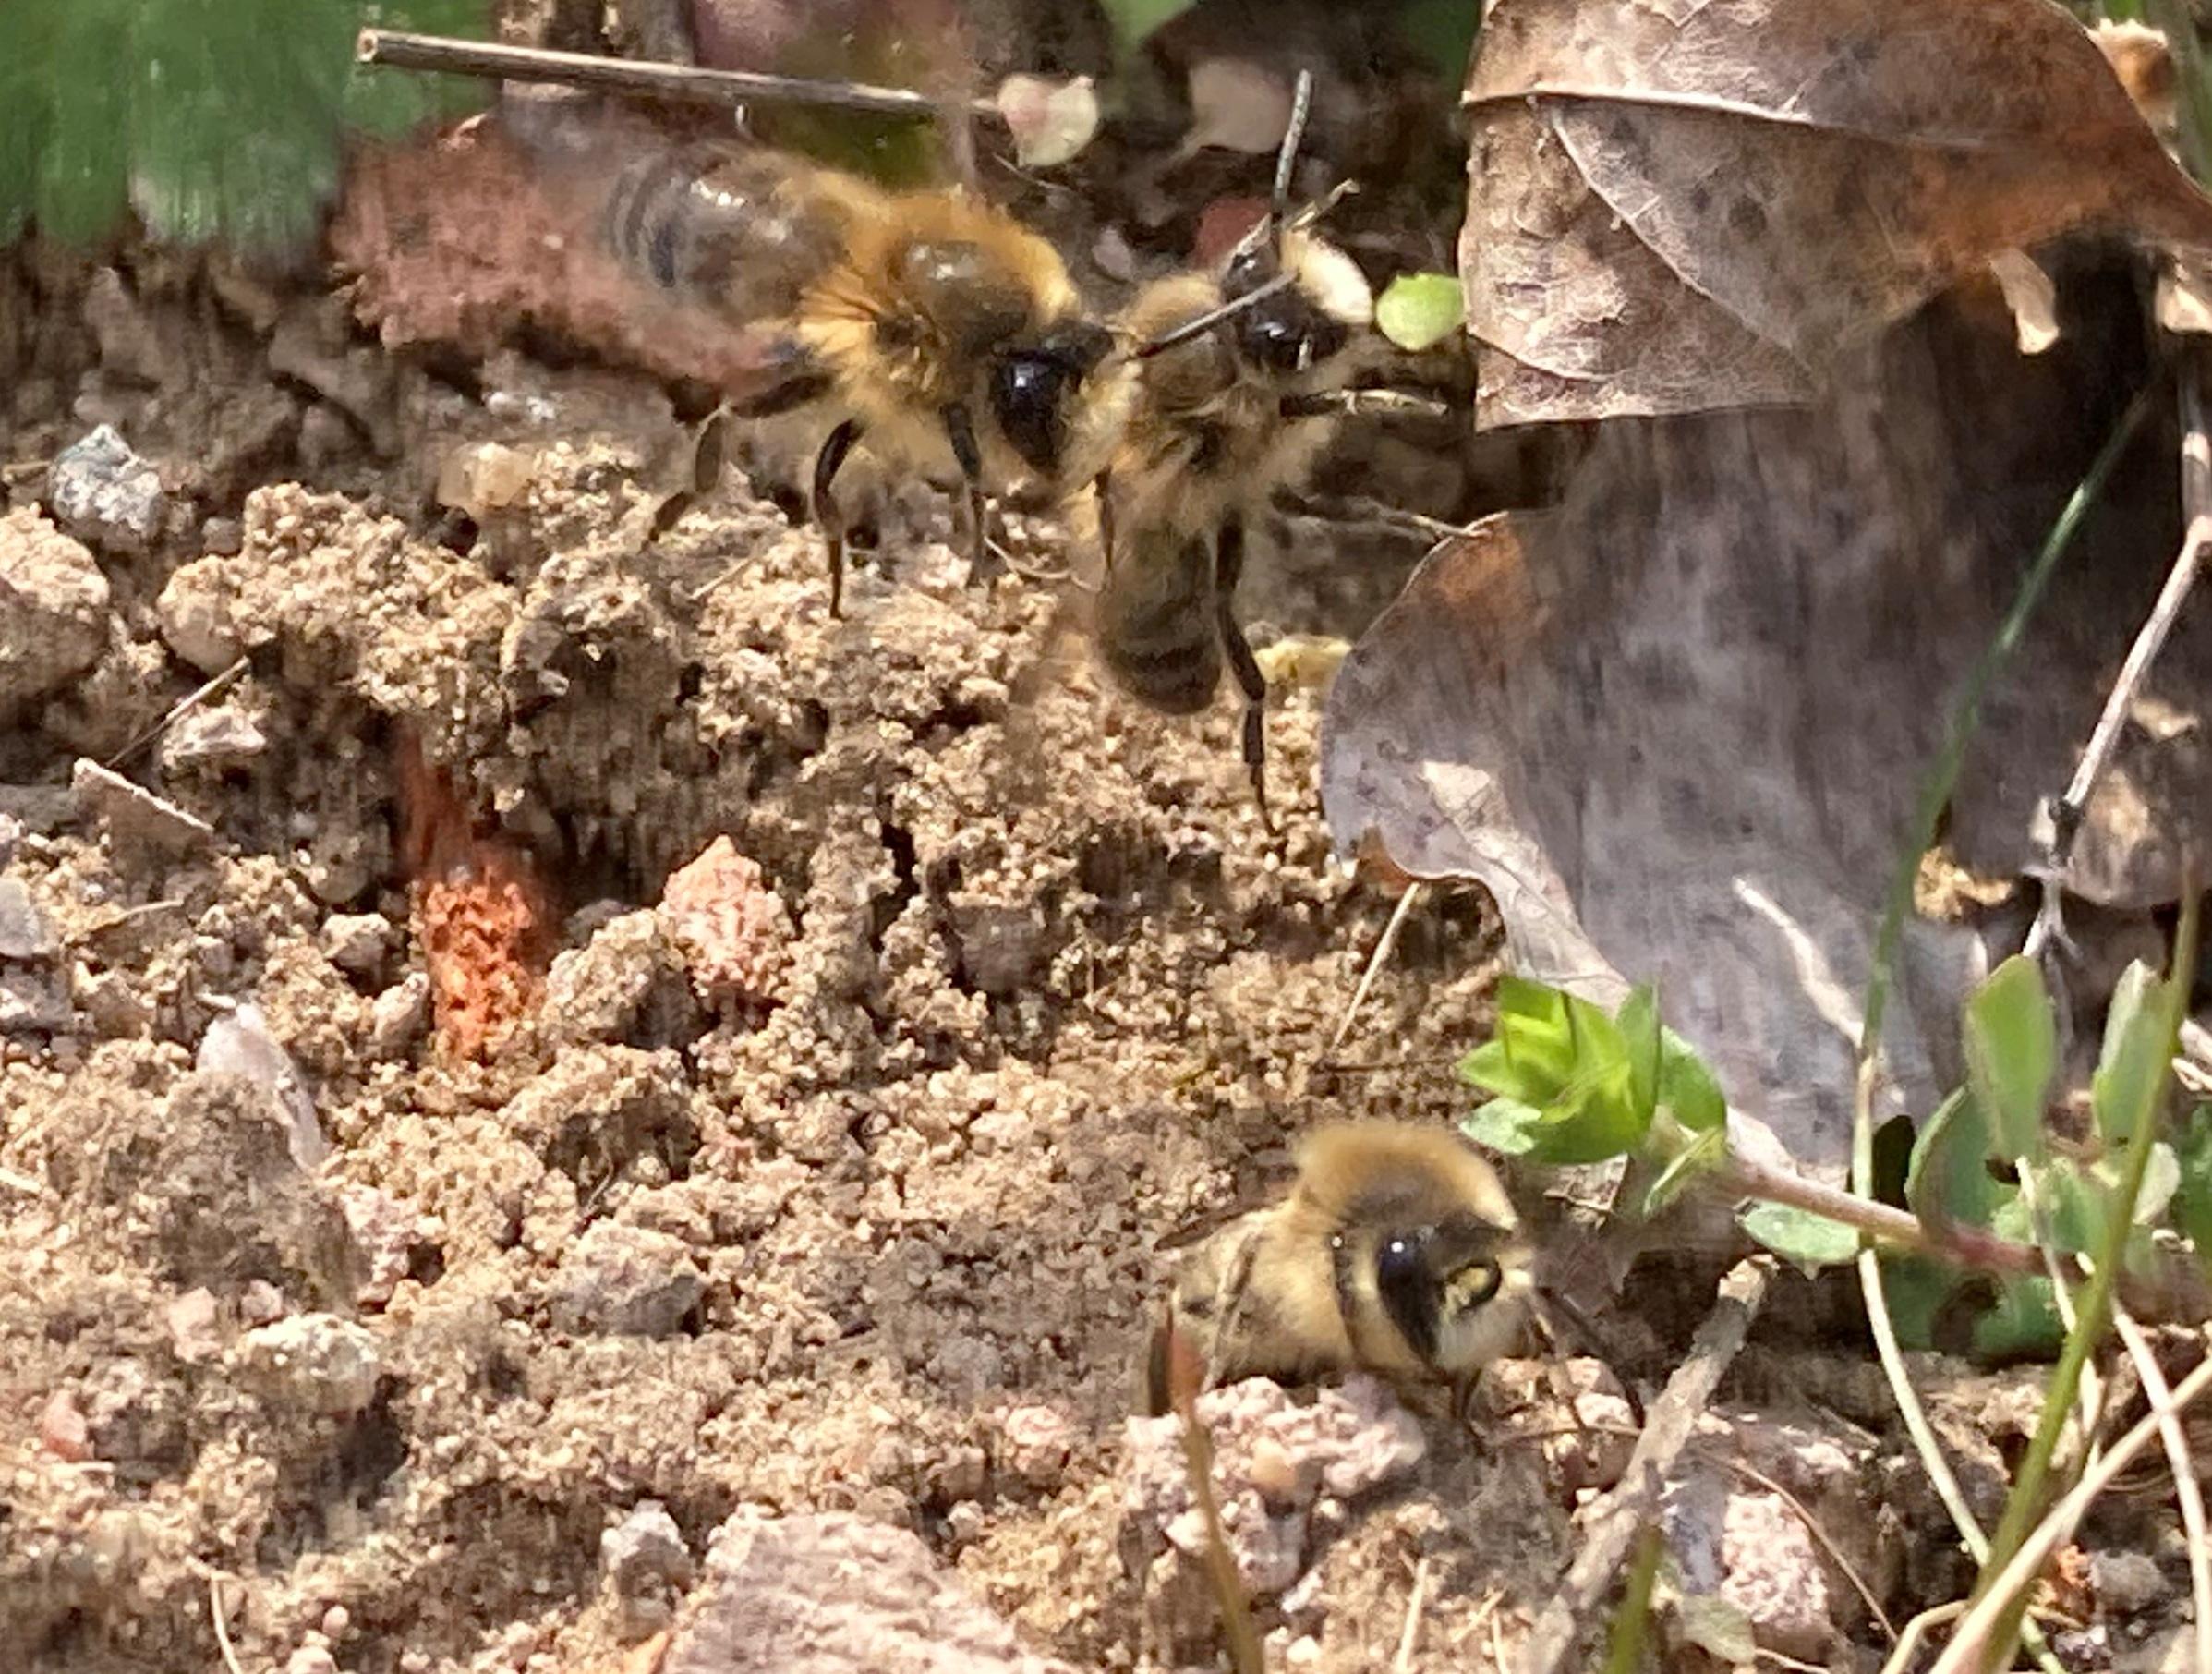 Postsiedlungs-Biotop: Hunderte Wildbienen summen herum – wir zeigen diese im bewegten Bild…